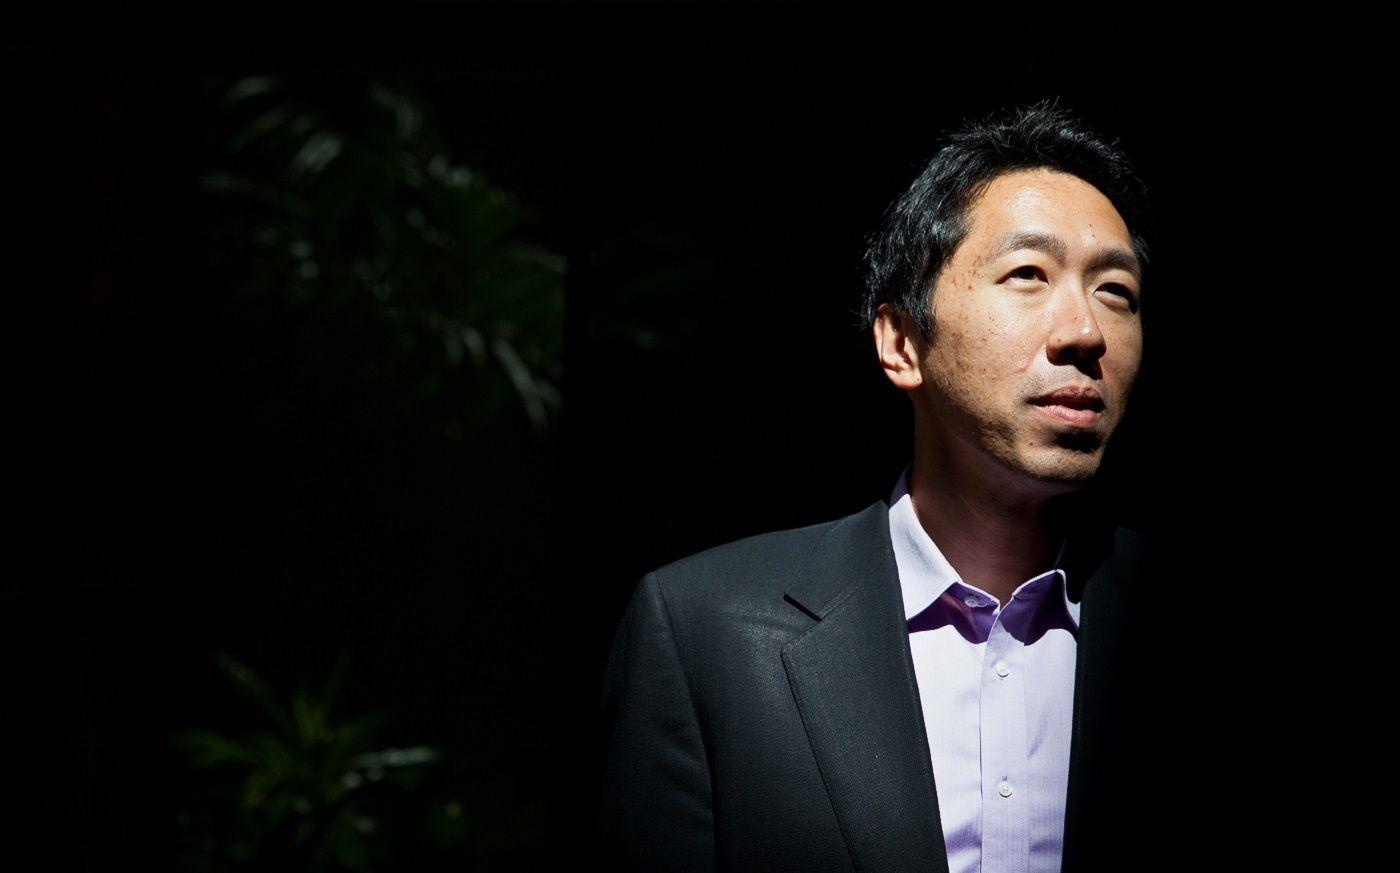 吴恩达新公司回归本职做老师,新公司要为将来 AI 赋能的社会提供人才